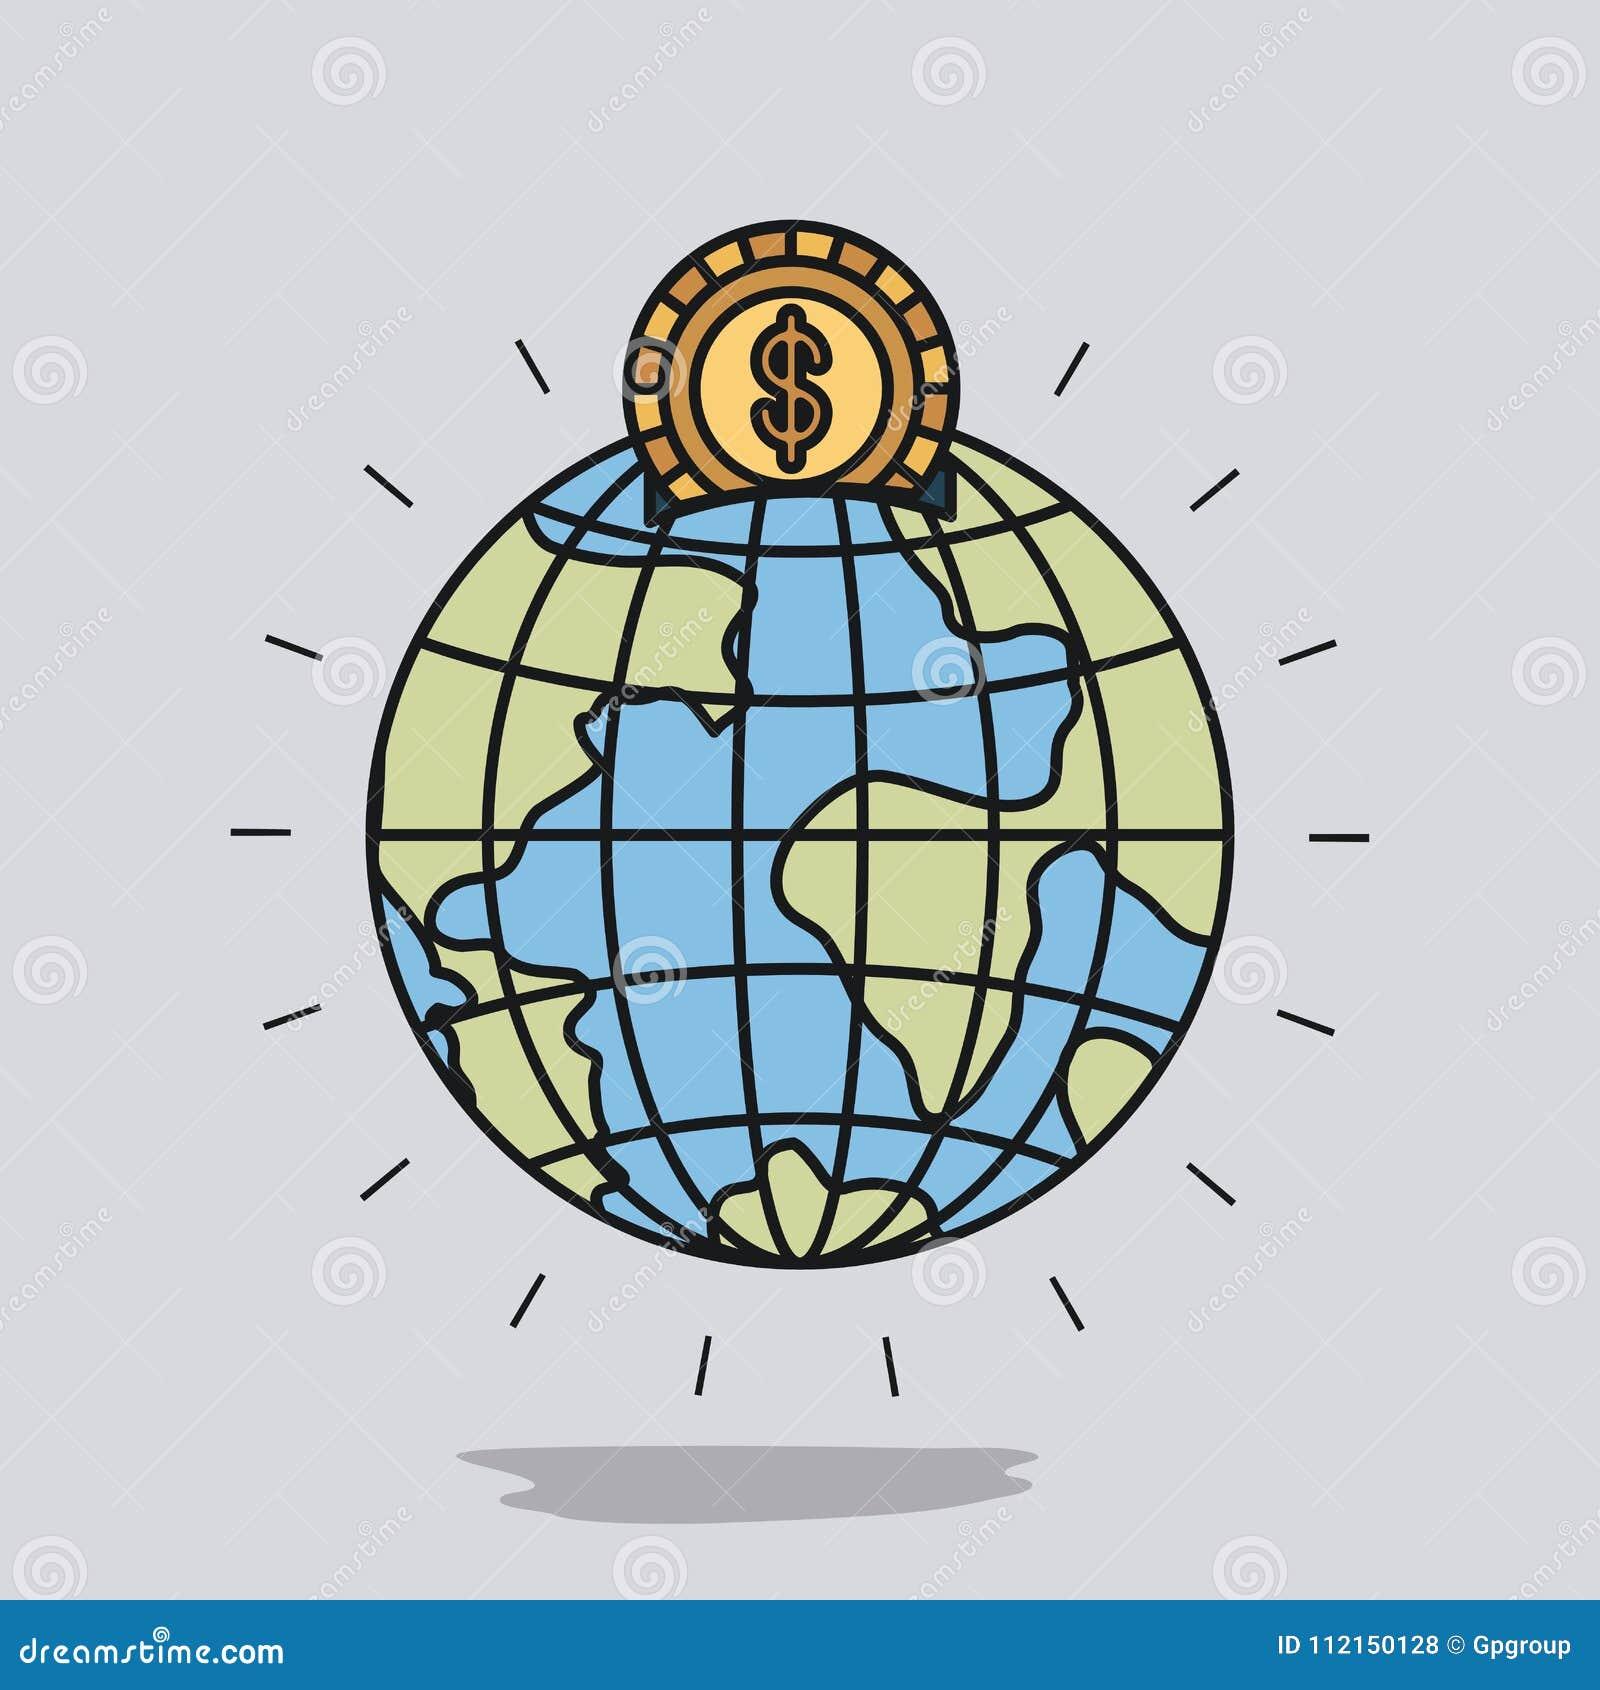 Покрасьте предпосылку изображения с денежным ящиком в форме мира земли глобуса с золотой монеткой